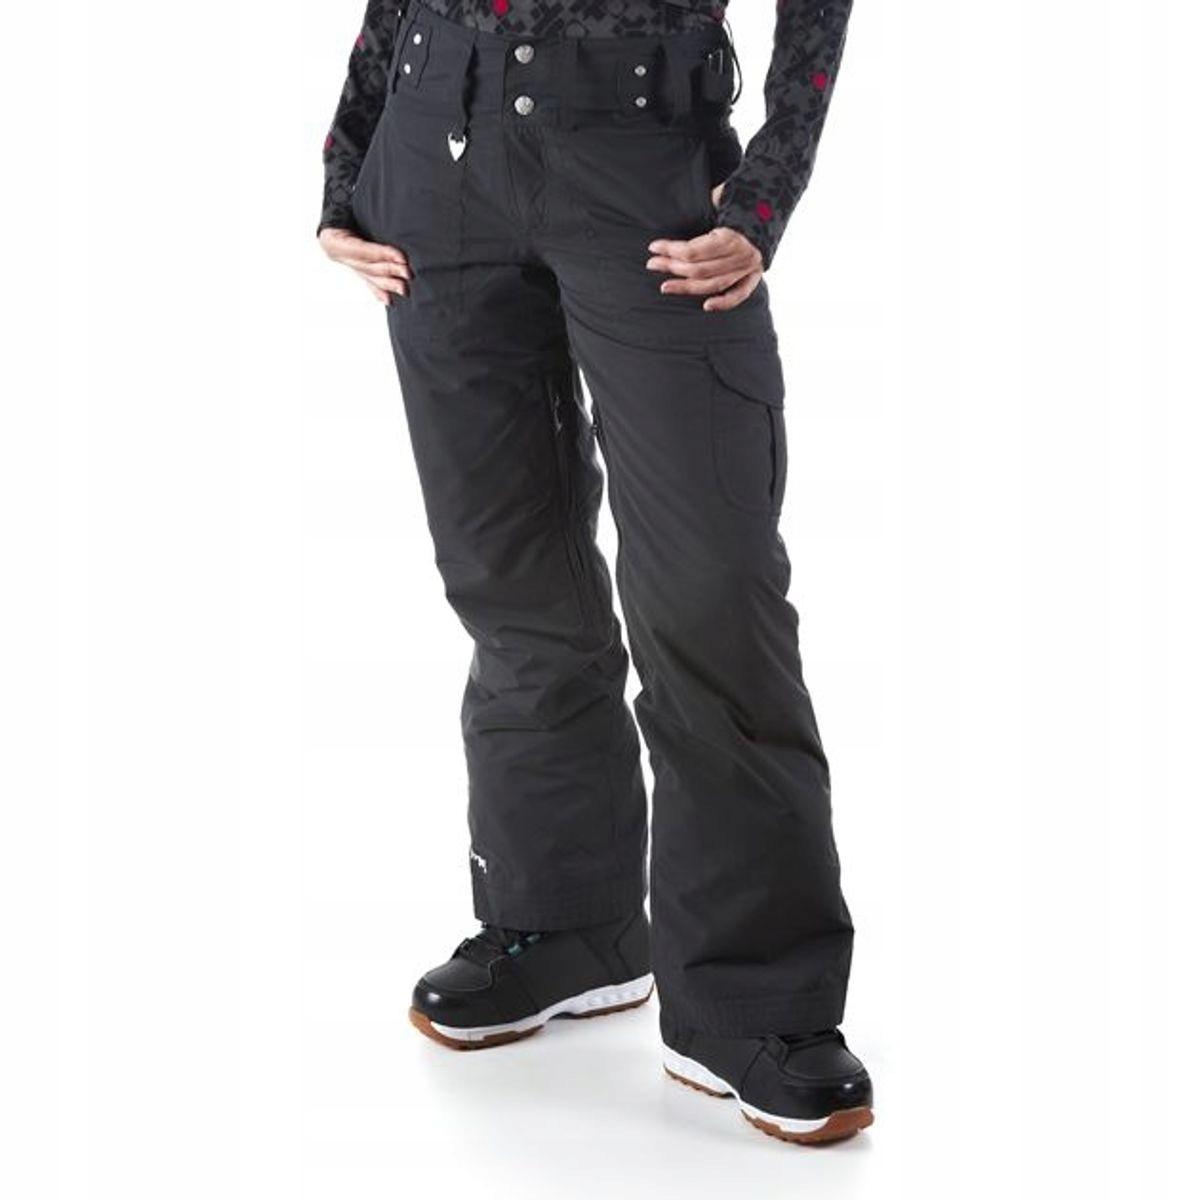 Spodnie narciarskie / snowboardowe Roxy damskie L